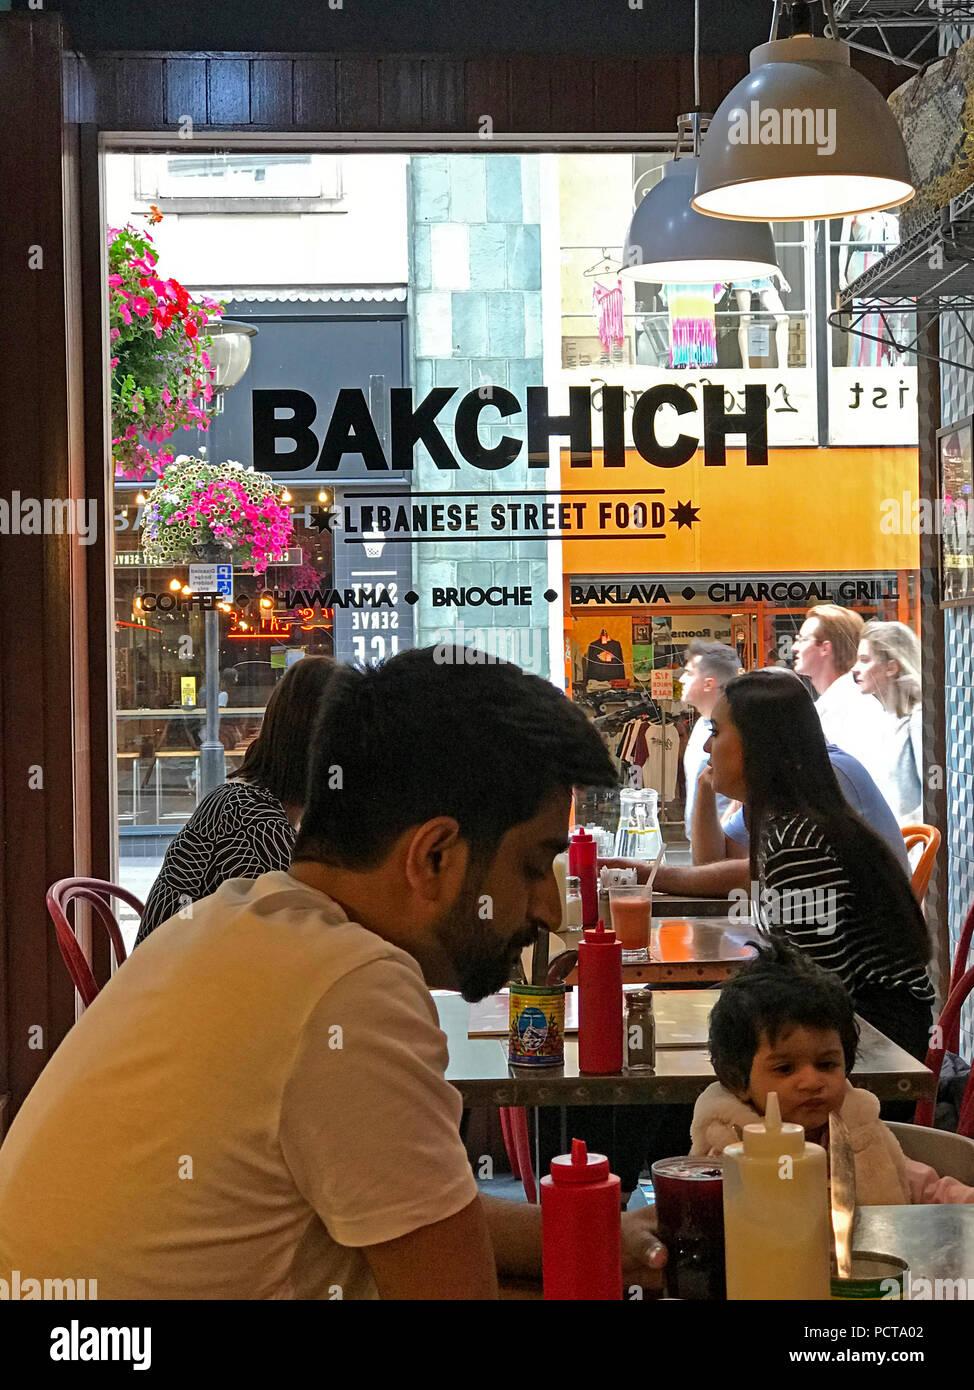 Laden Sie dieses Alamy Stockfoto Bakchich libanesisches Restaurant, 54 Bold St, Liverpool, UK, L1 4ER - PCTA02